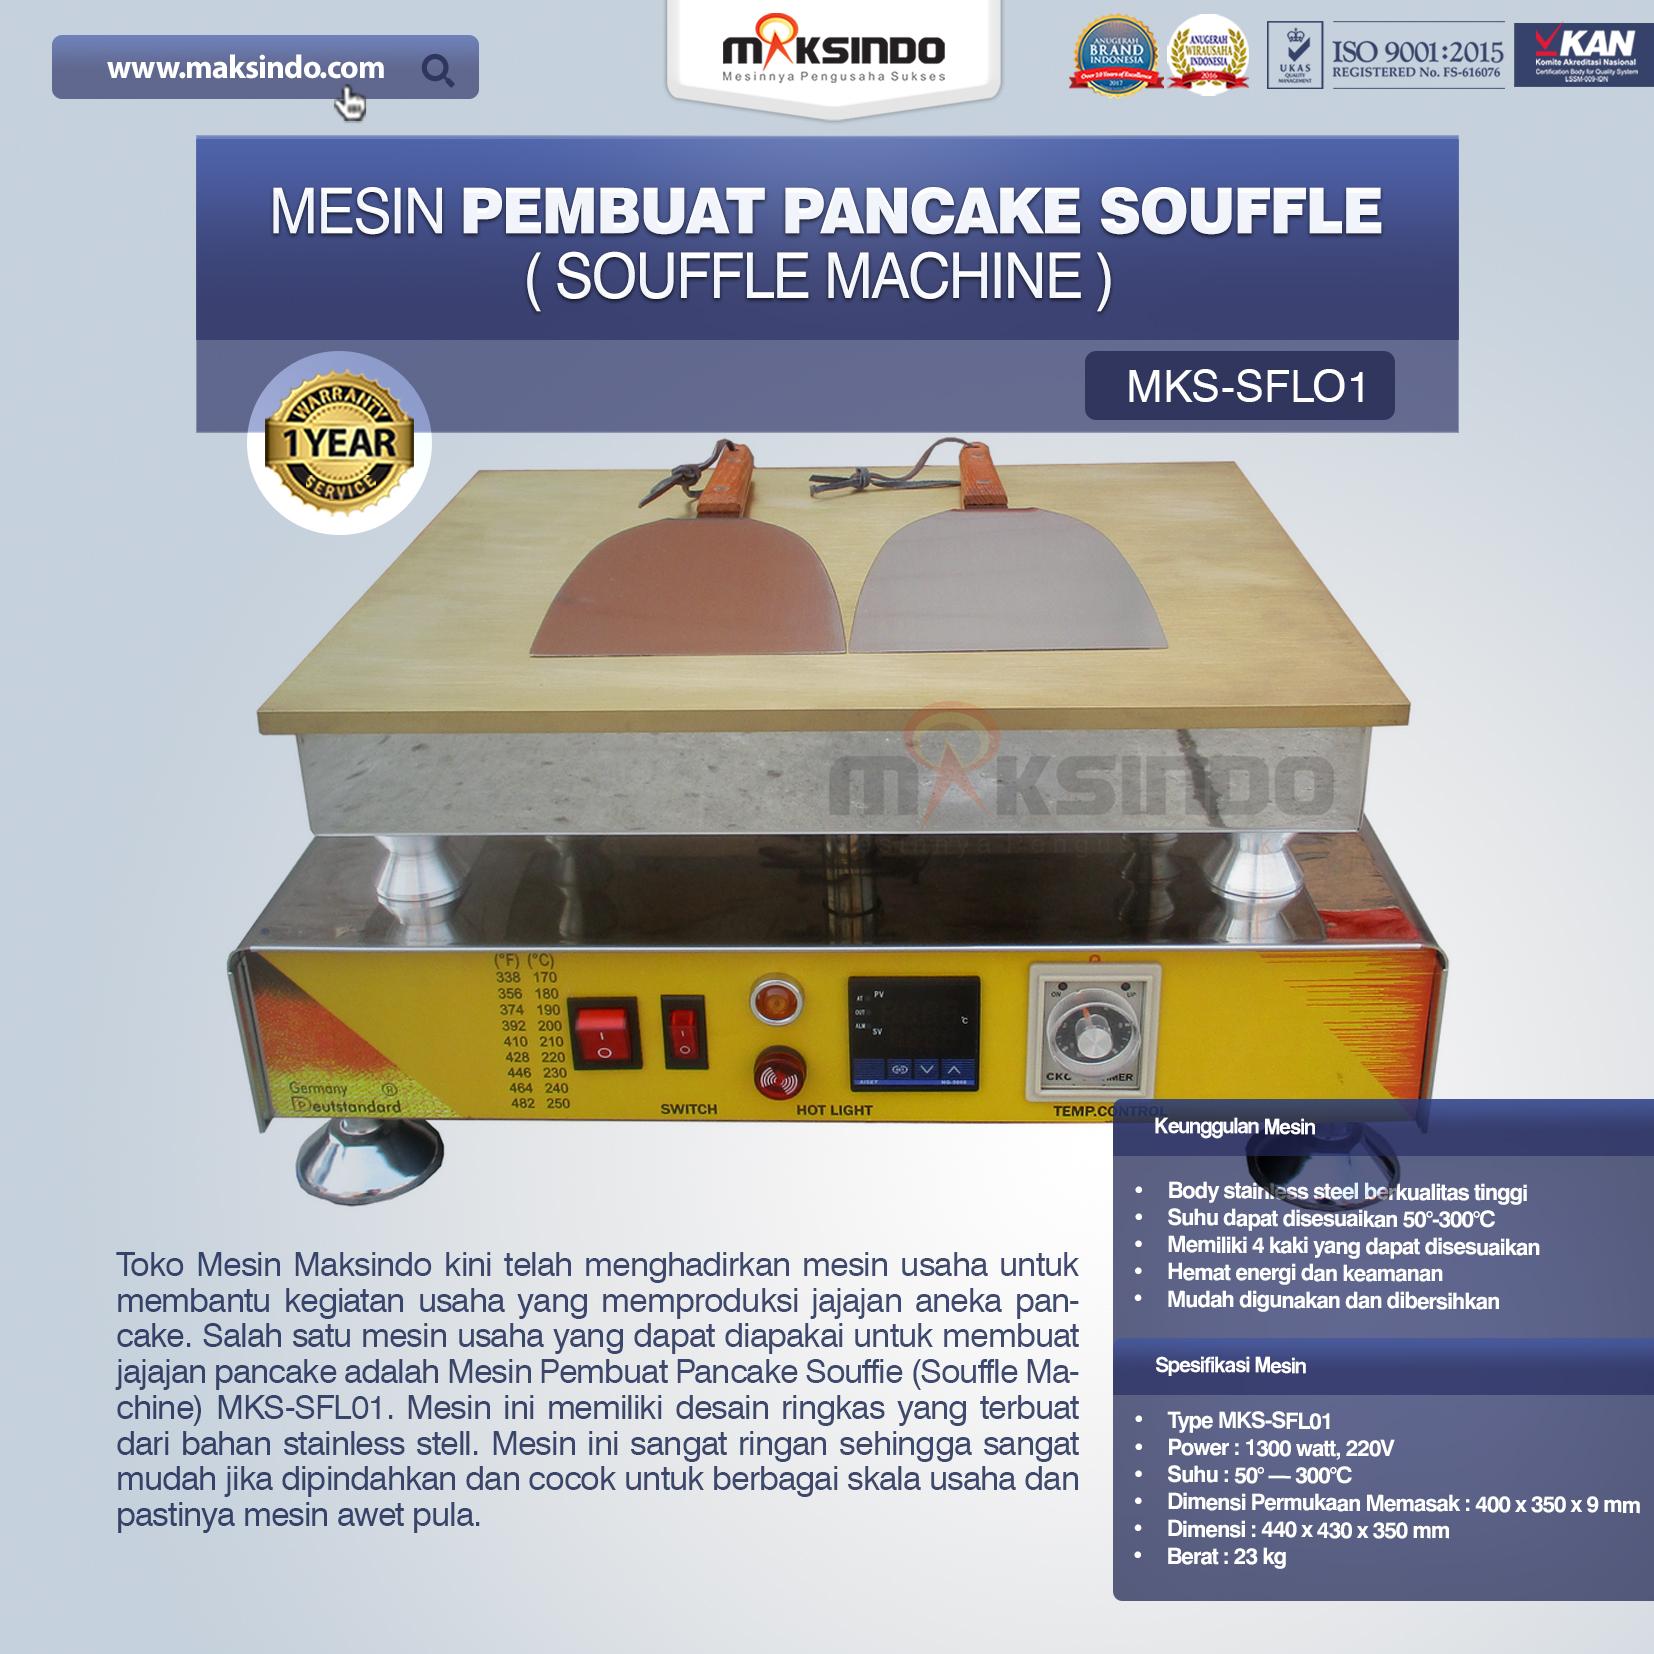 Jual Mesin Pembuat Pancake Souffle (Souffle Machine) MKS-SFL01 di Palembang